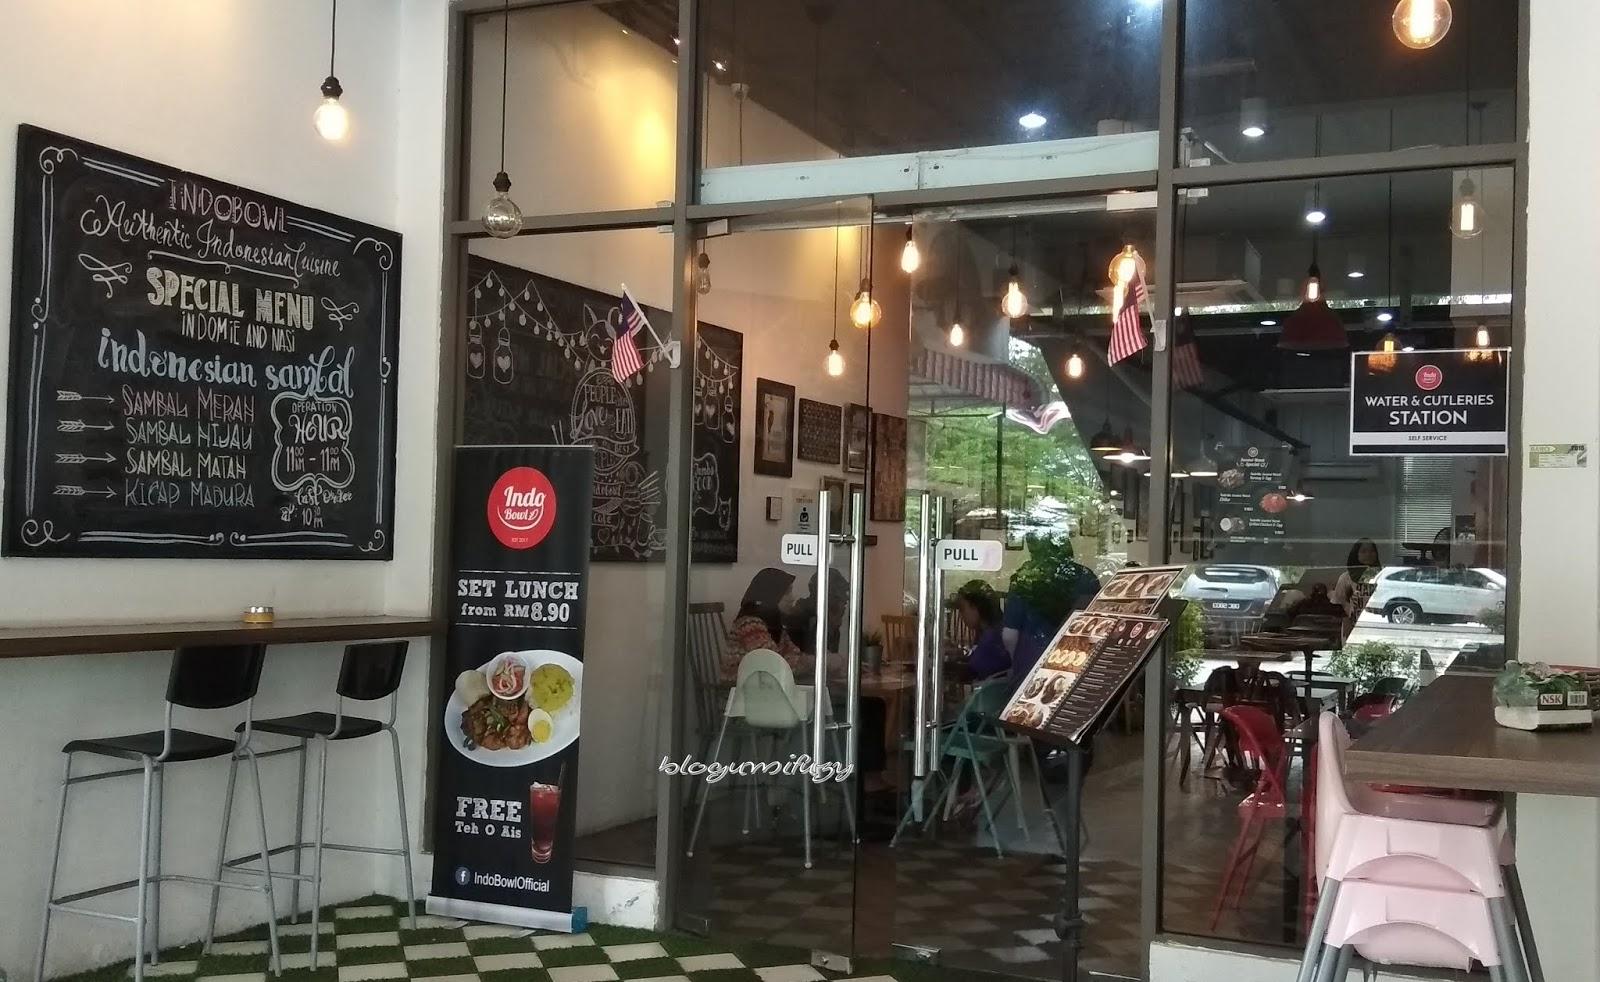 Indobowl Cafe Menyajikan Hidangan Ala Street Food Yang Mesti Dikunjungi